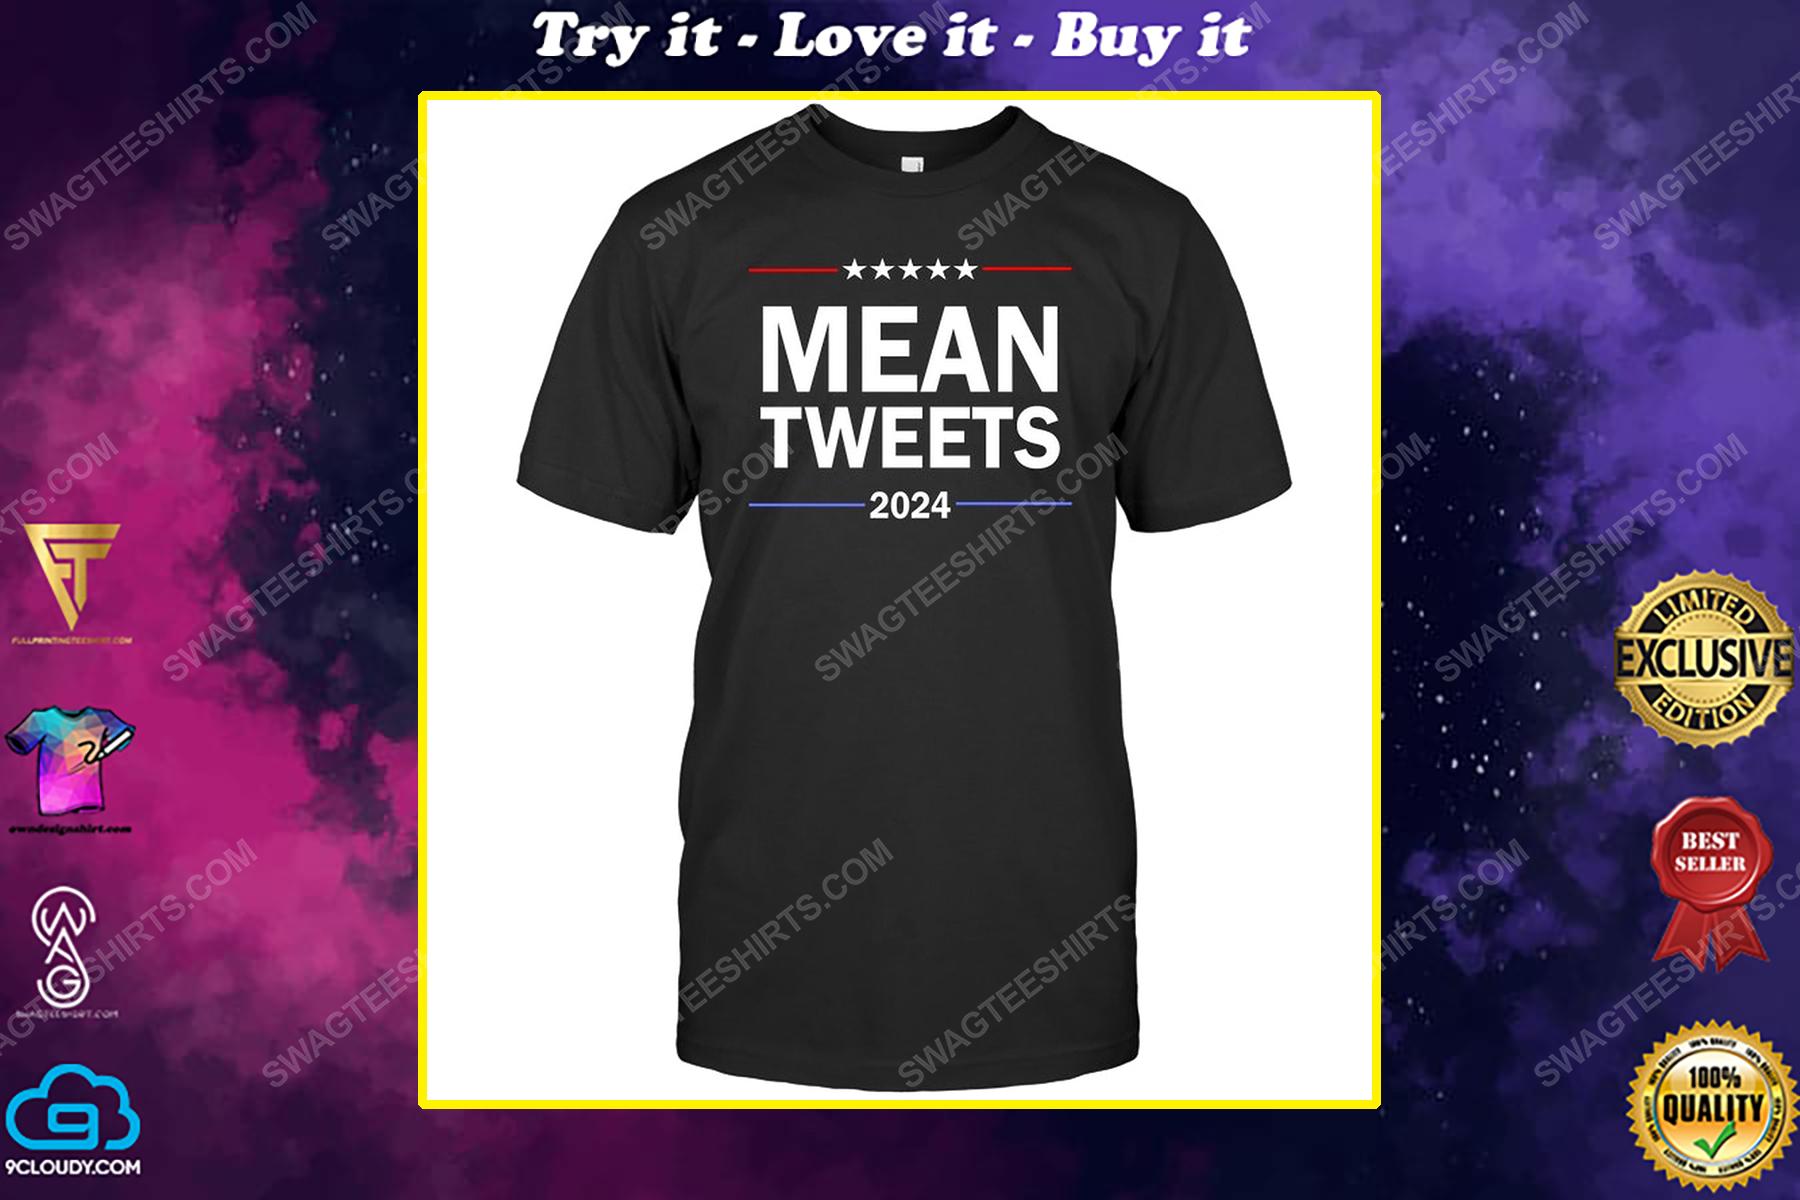 Mean tweets 2024 american flag political shirt